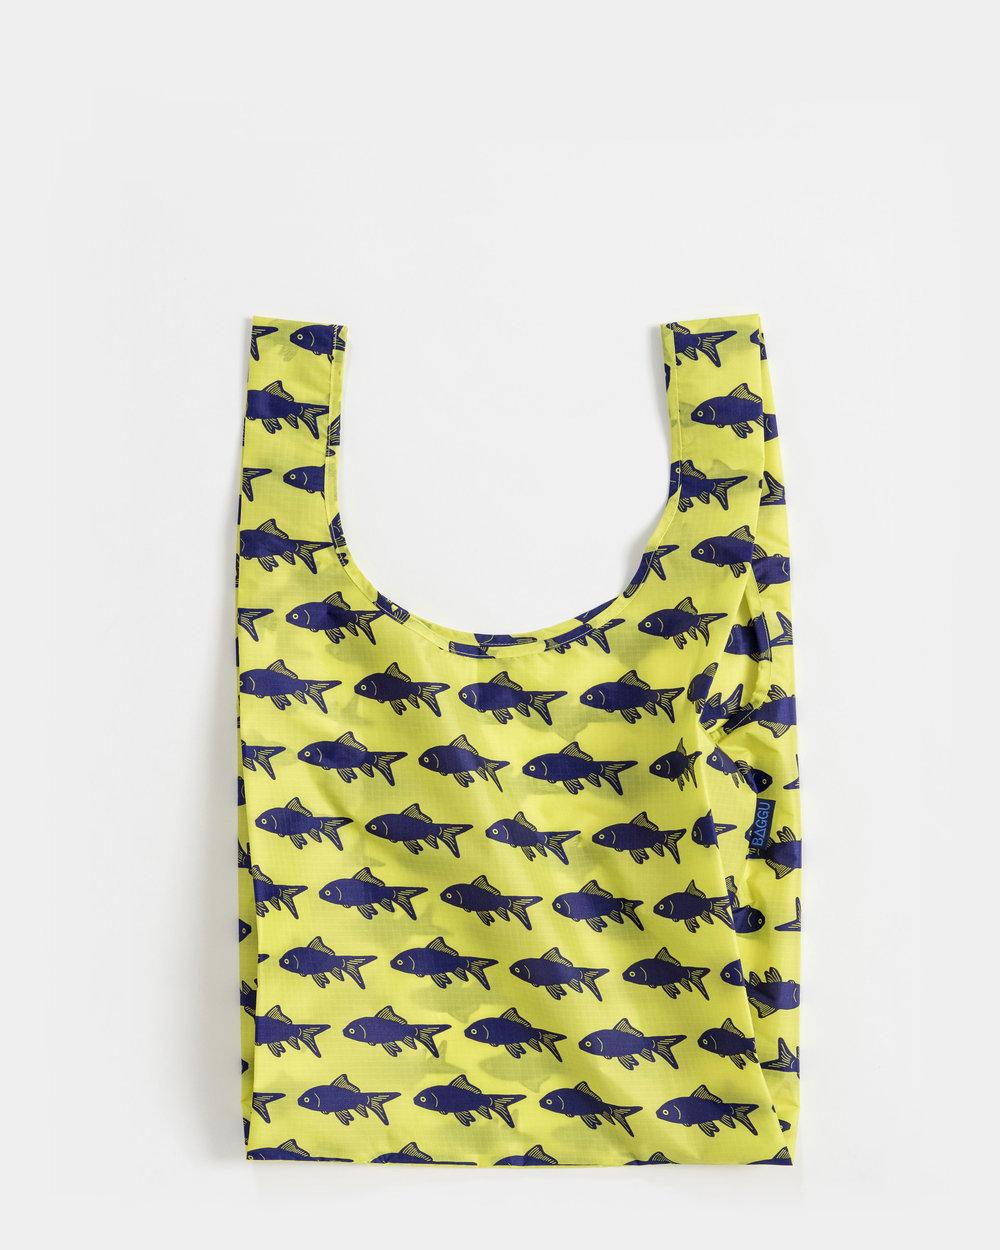 Baggu nylon bag @ www.aka-online.co.il 59 Ils photo Ben Vizer (4).jpg